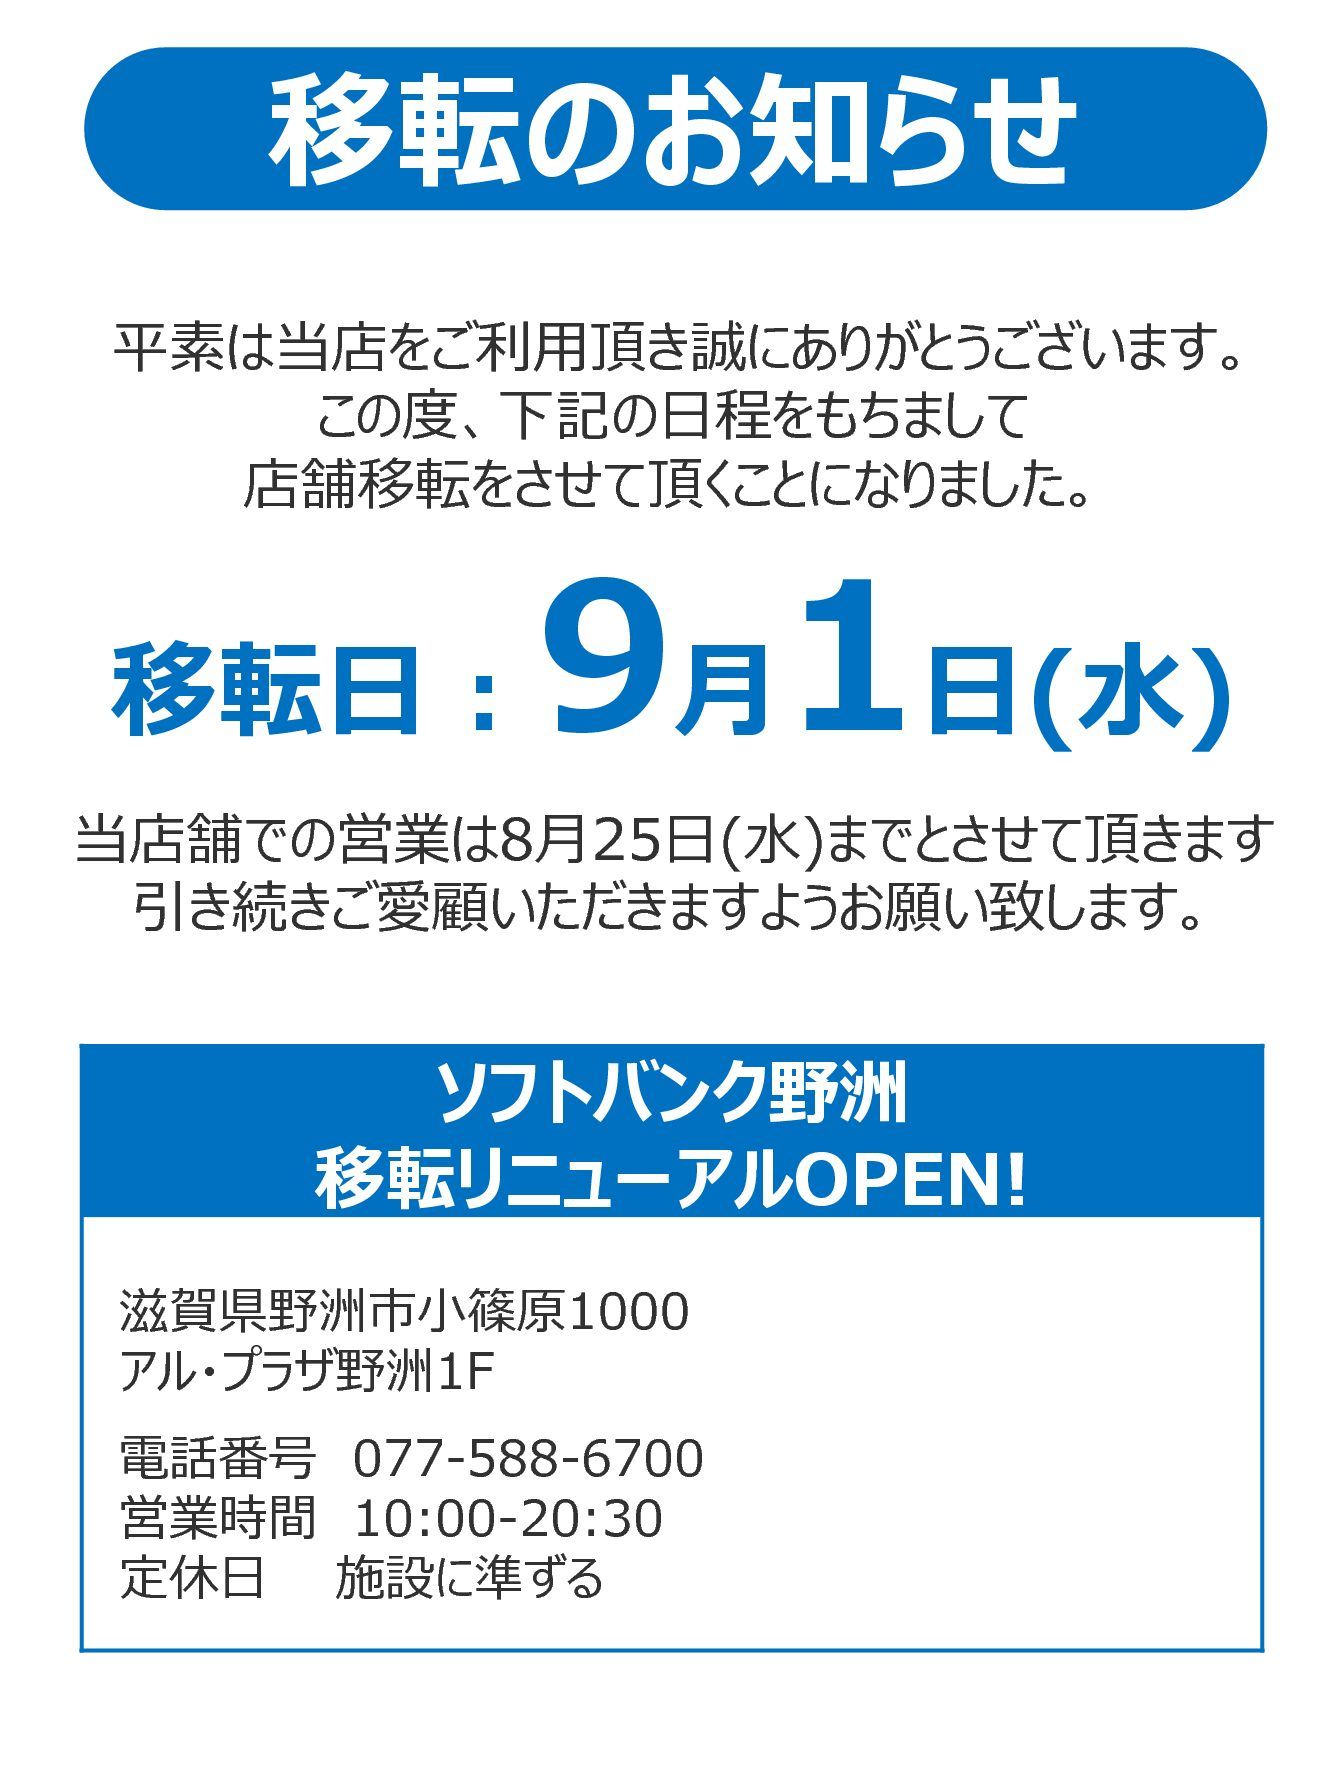 【ソフトバンク野洲】移転のお知らせ(画像)